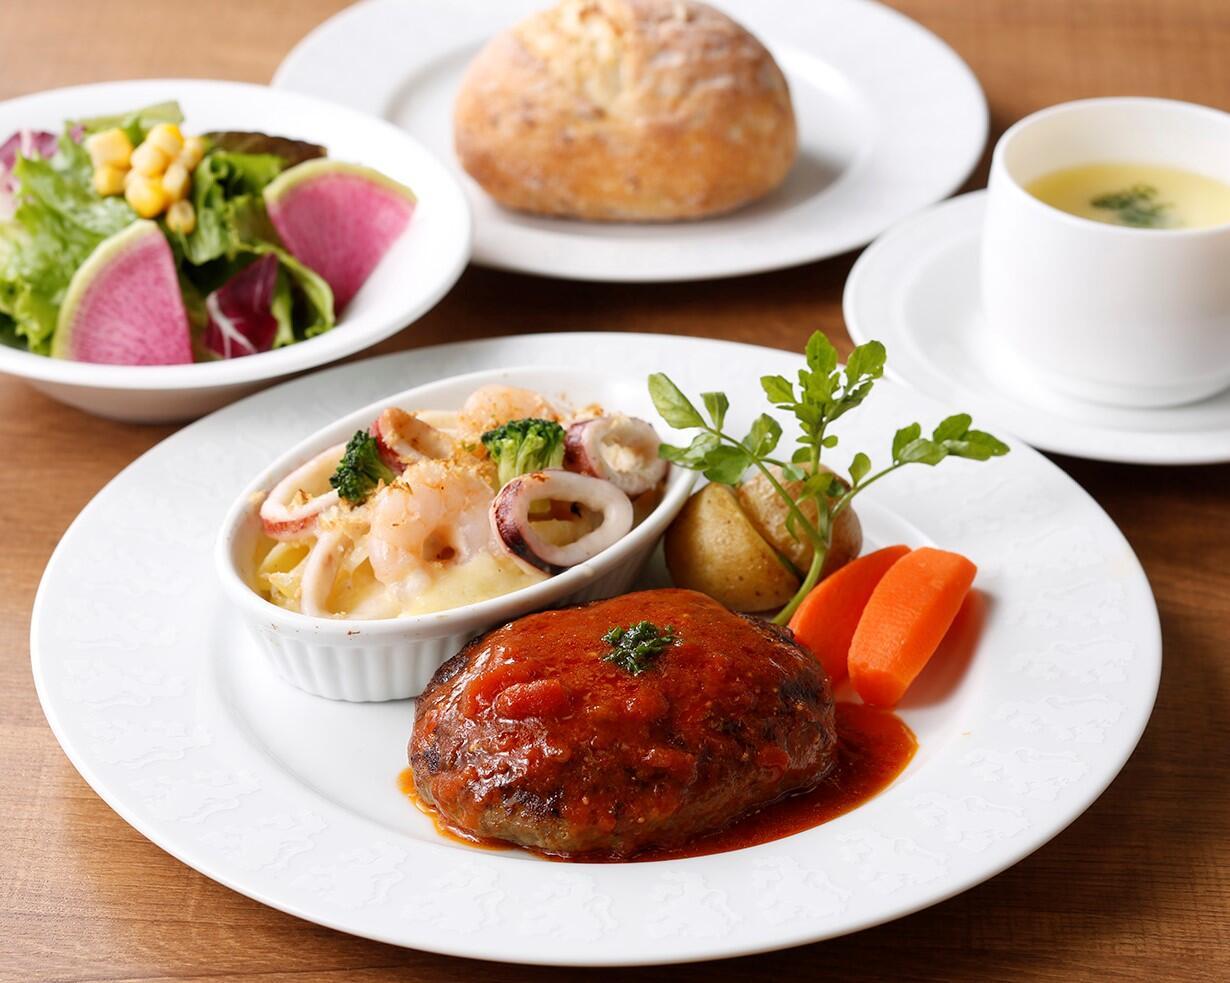 ハンバーグ&シーフードペンネグラタン <ディナーセット>  ライスorパン/サラダ/スープ付き